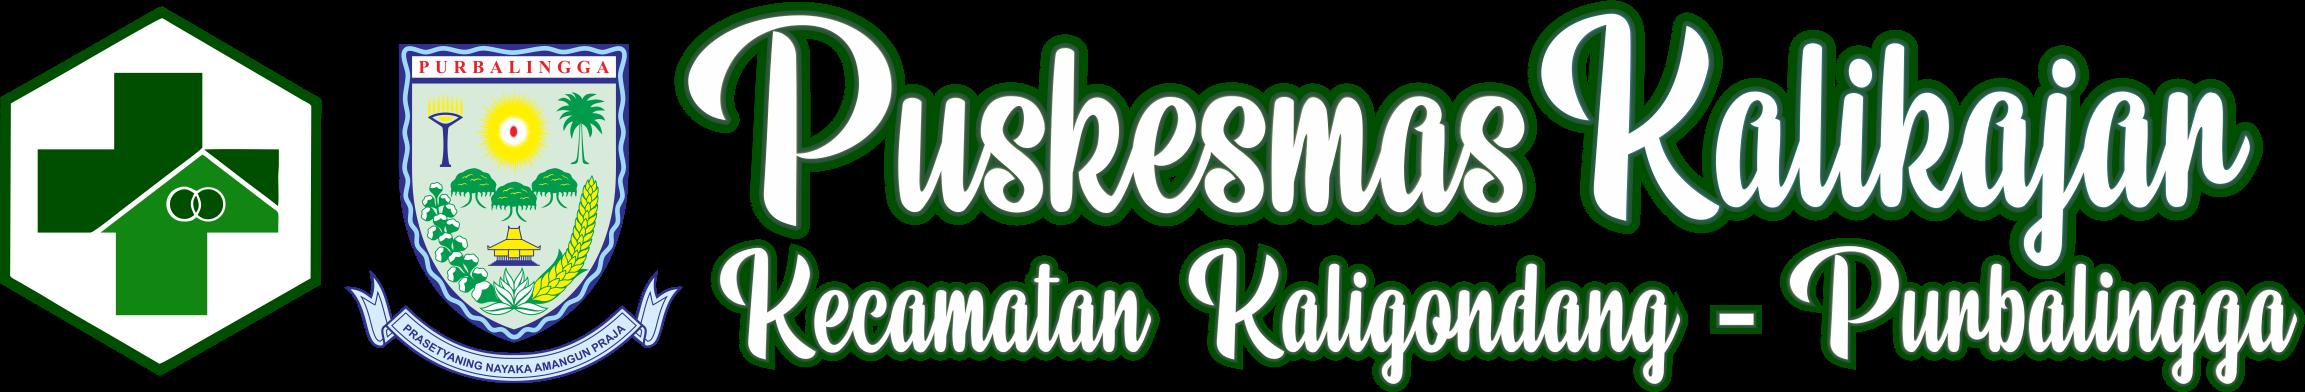 Puskesmas Kalikajar